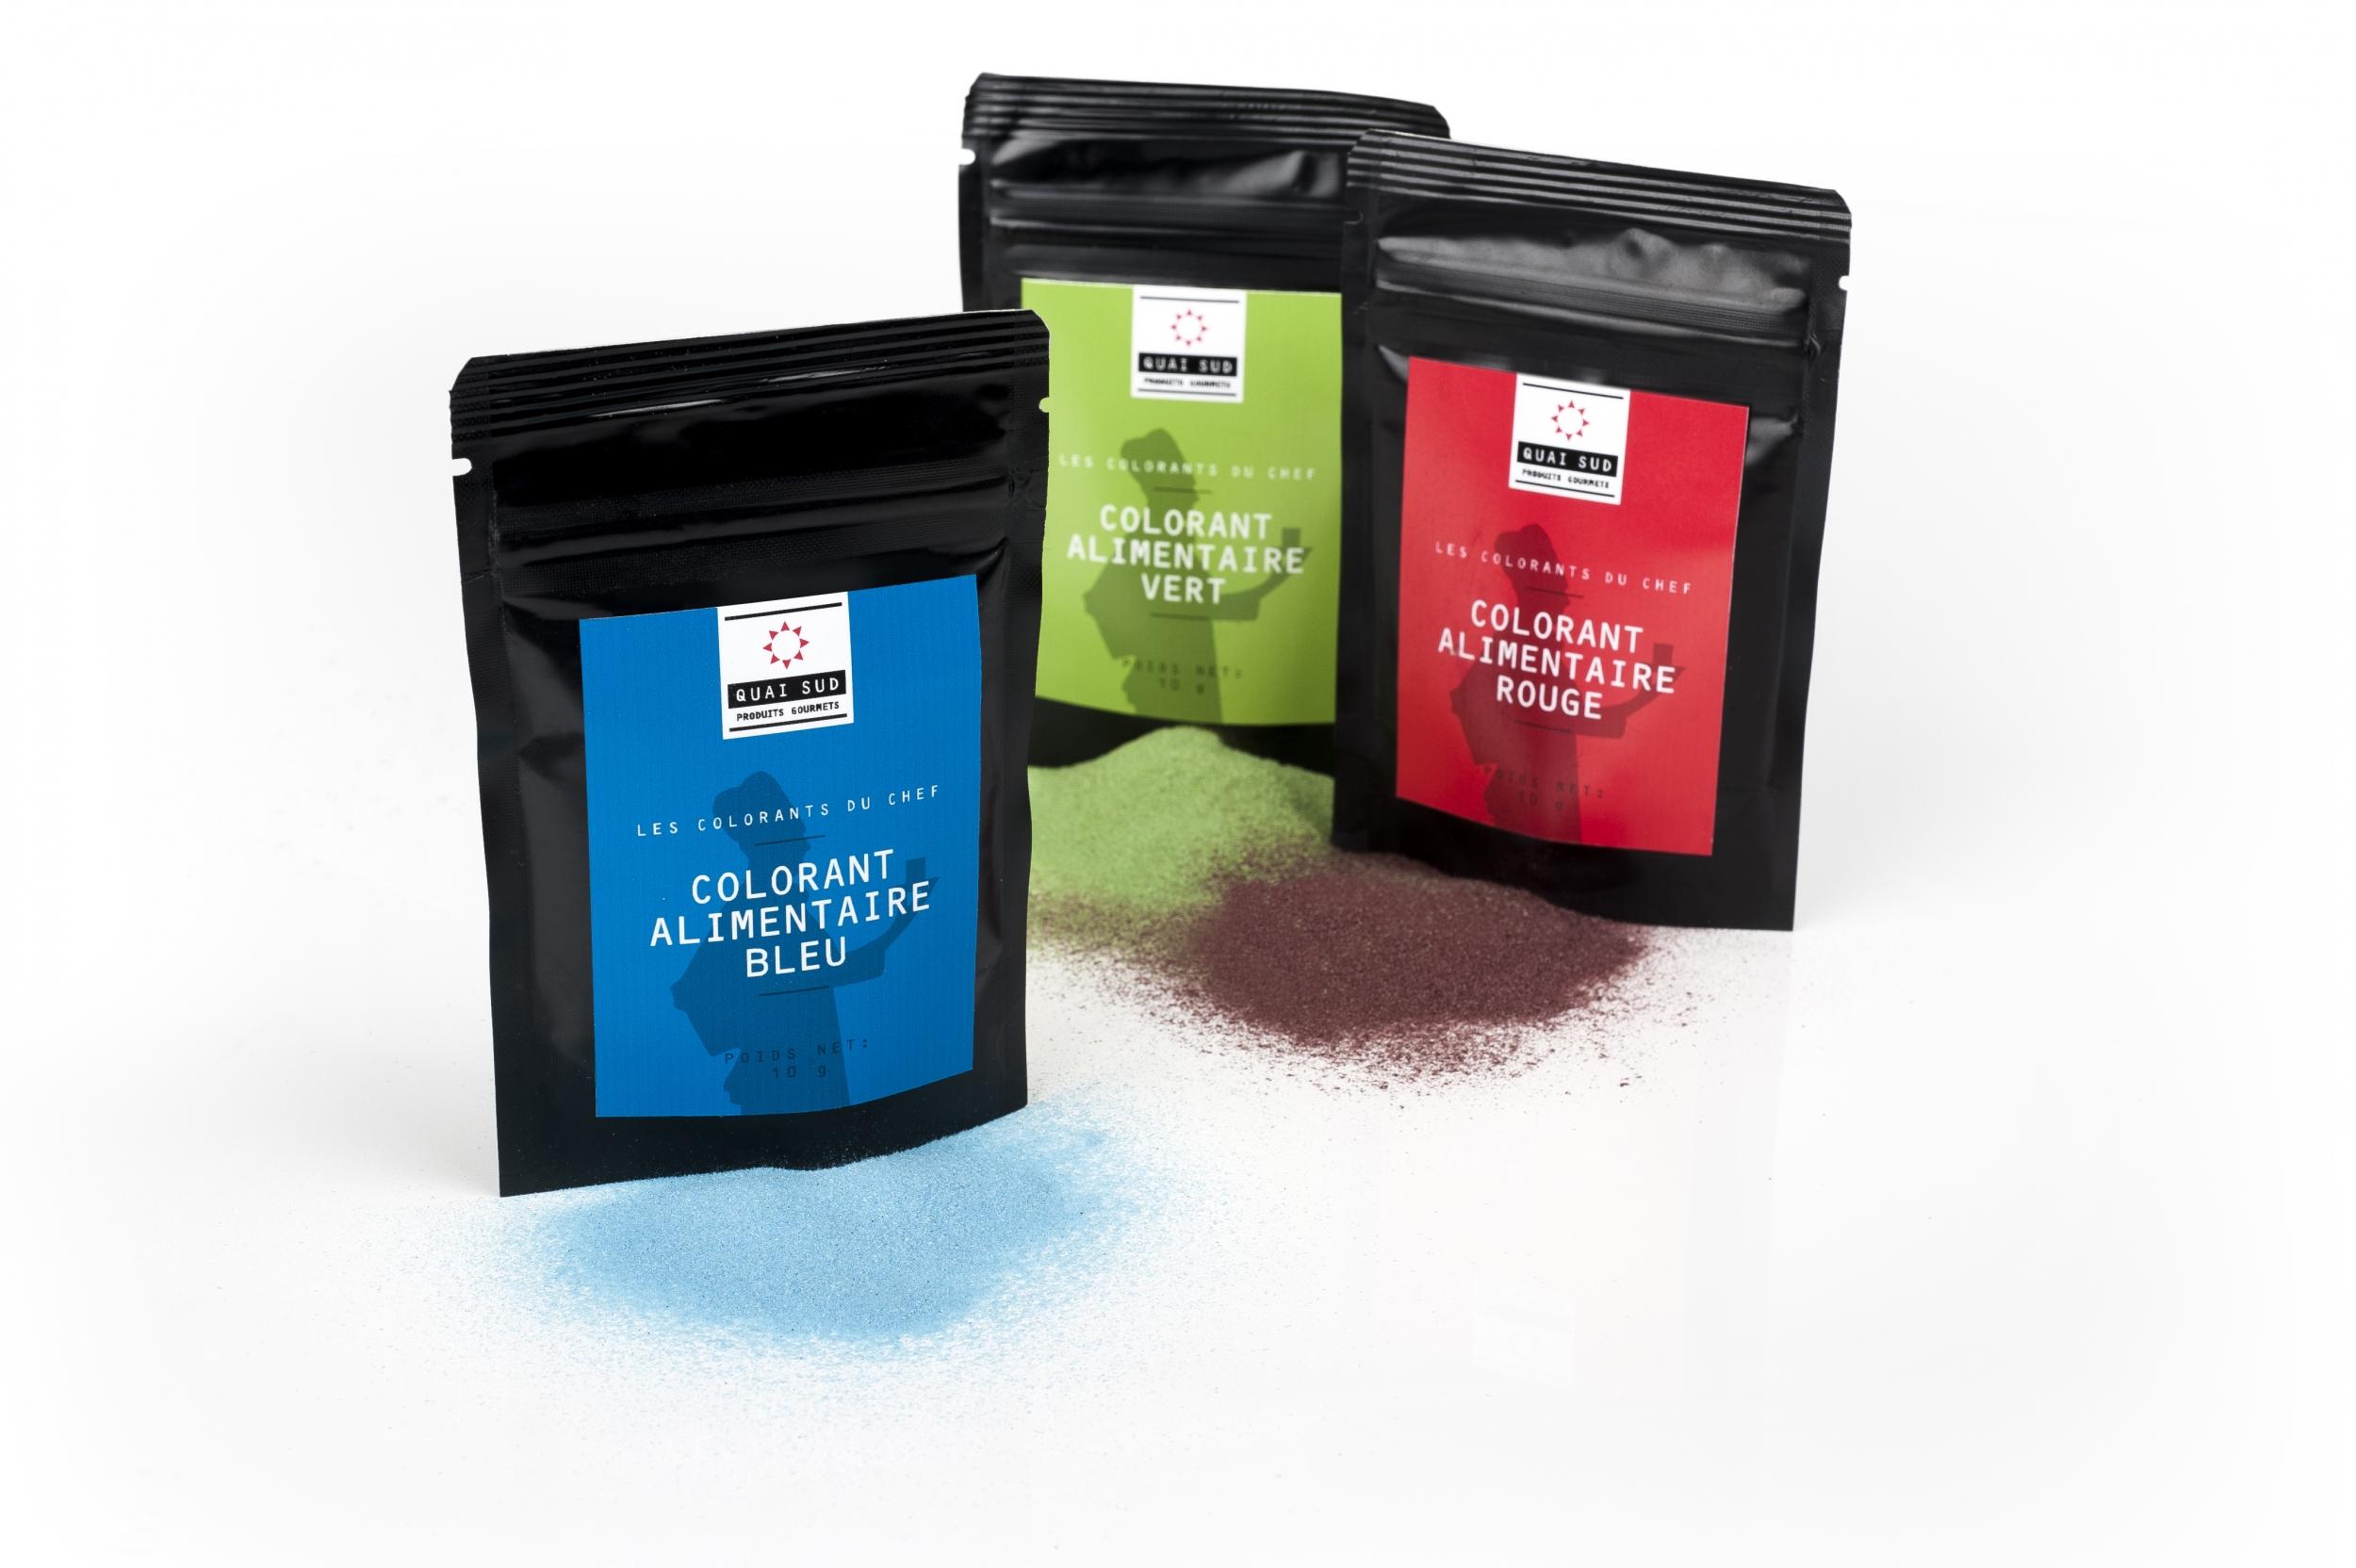 colorant alimentaire poudre pas cher - Colorant Alimentaire En Poudre